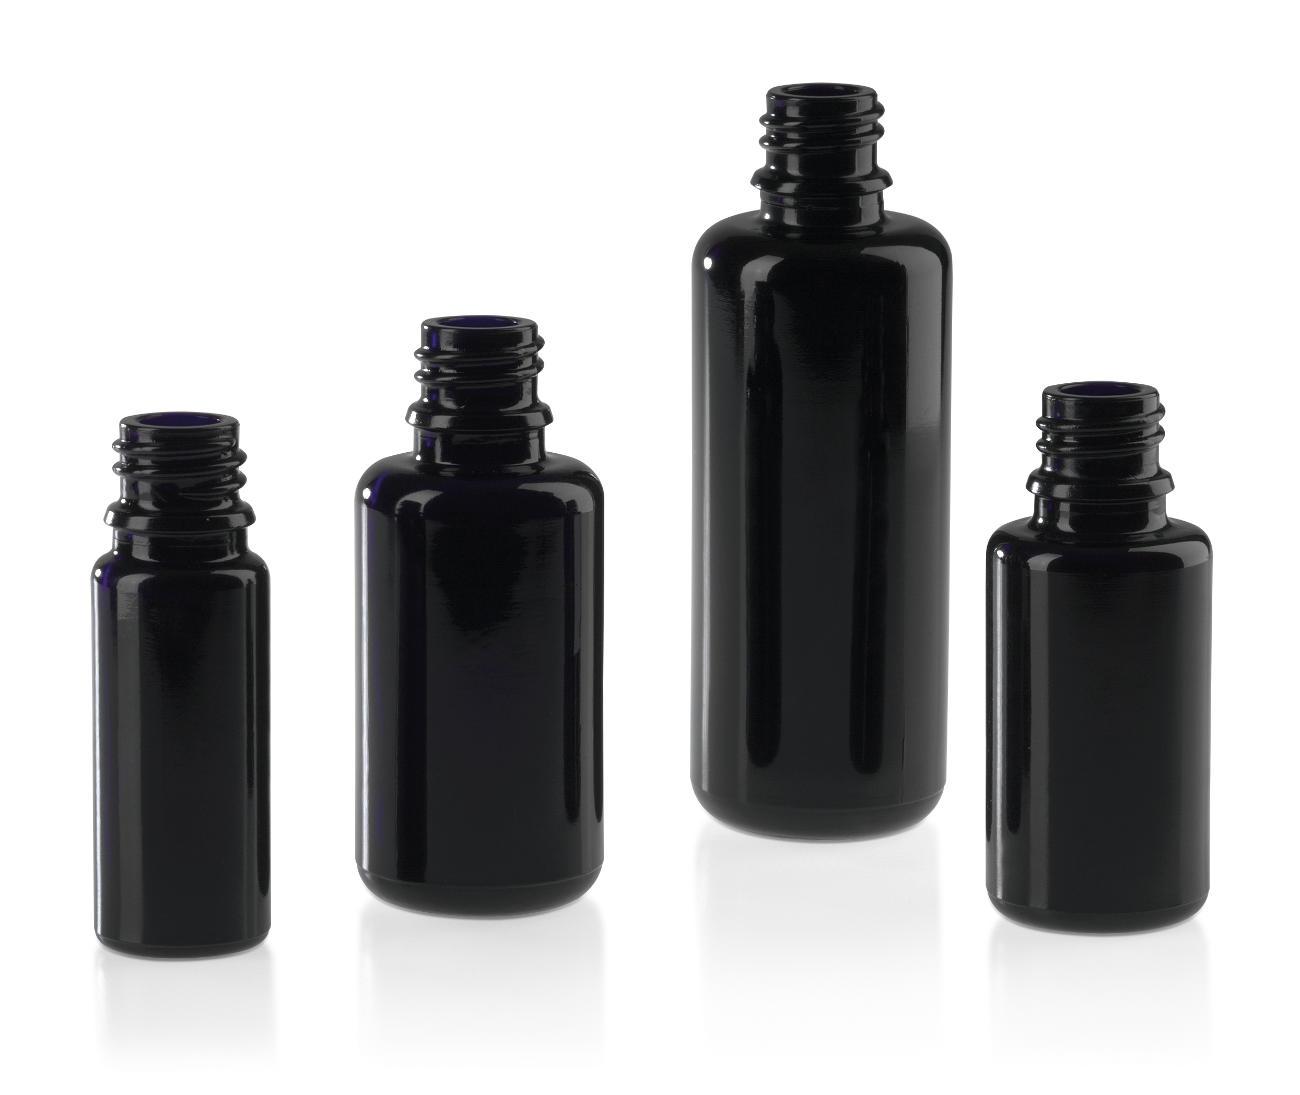 Flacons pharmaceutiques en verre: verre moulé noir